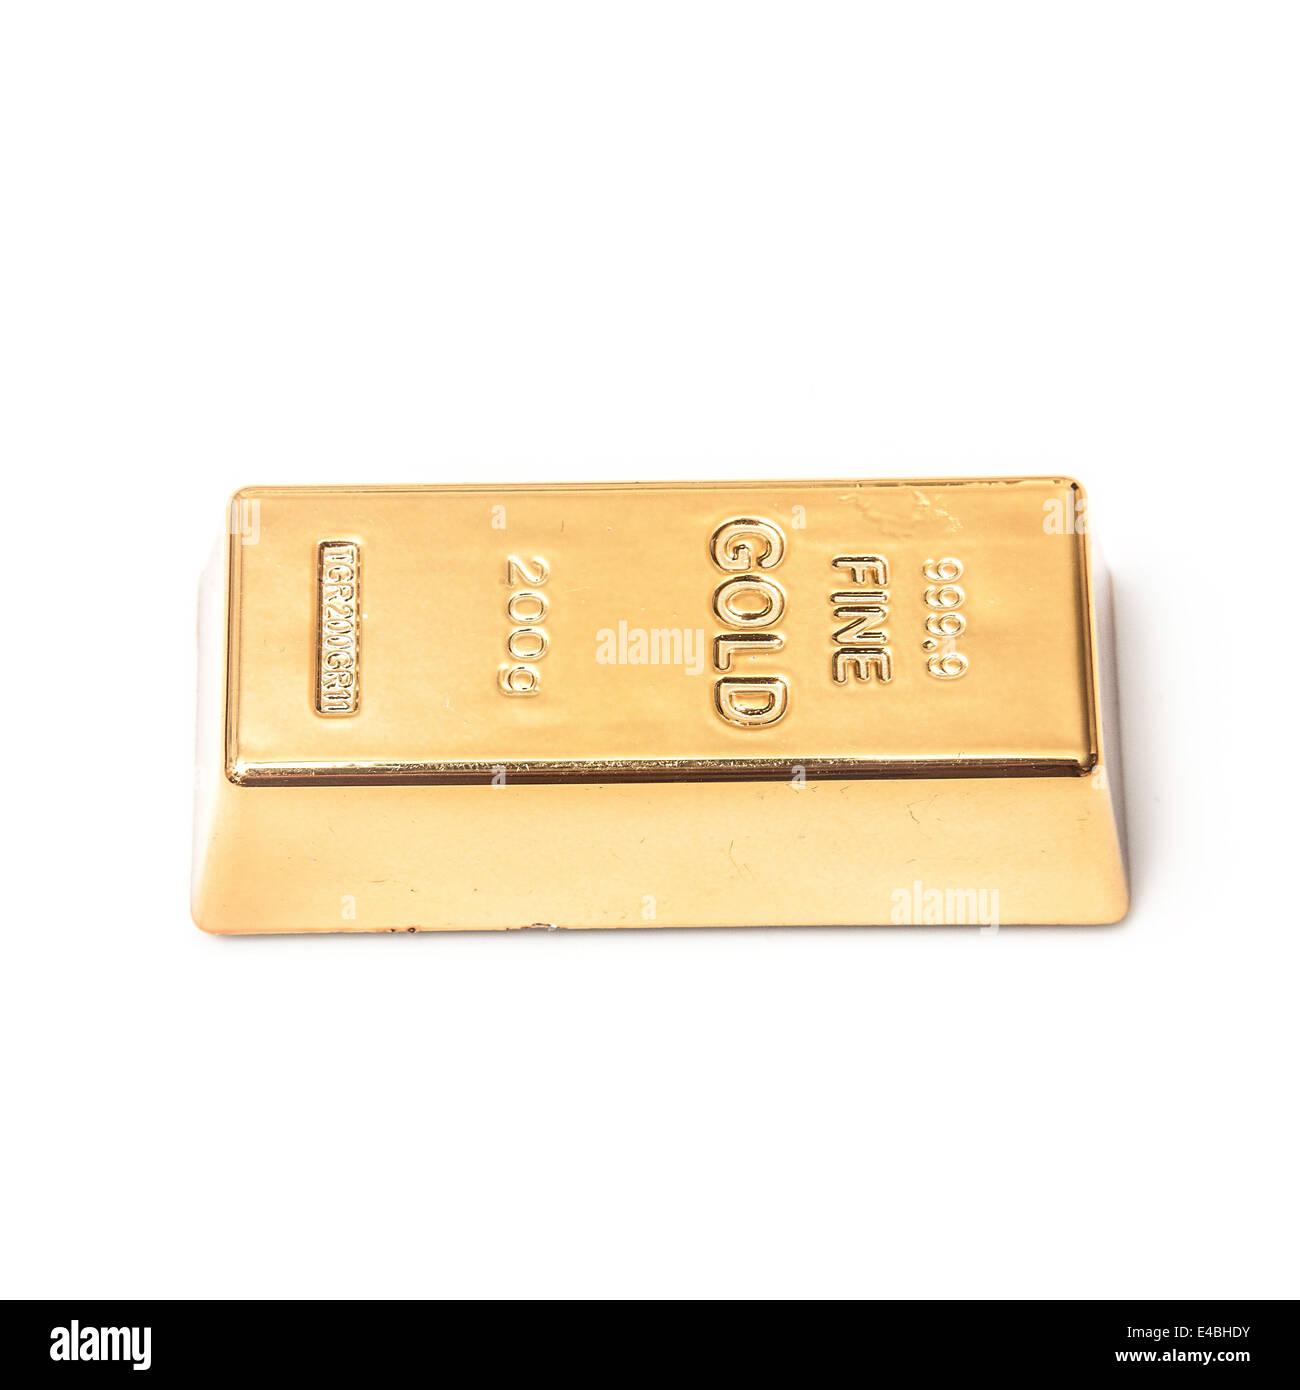 200 Gramm gold Bar oder Barren isoliert auf einem weißen Studio-Hintergrund. Stockbild